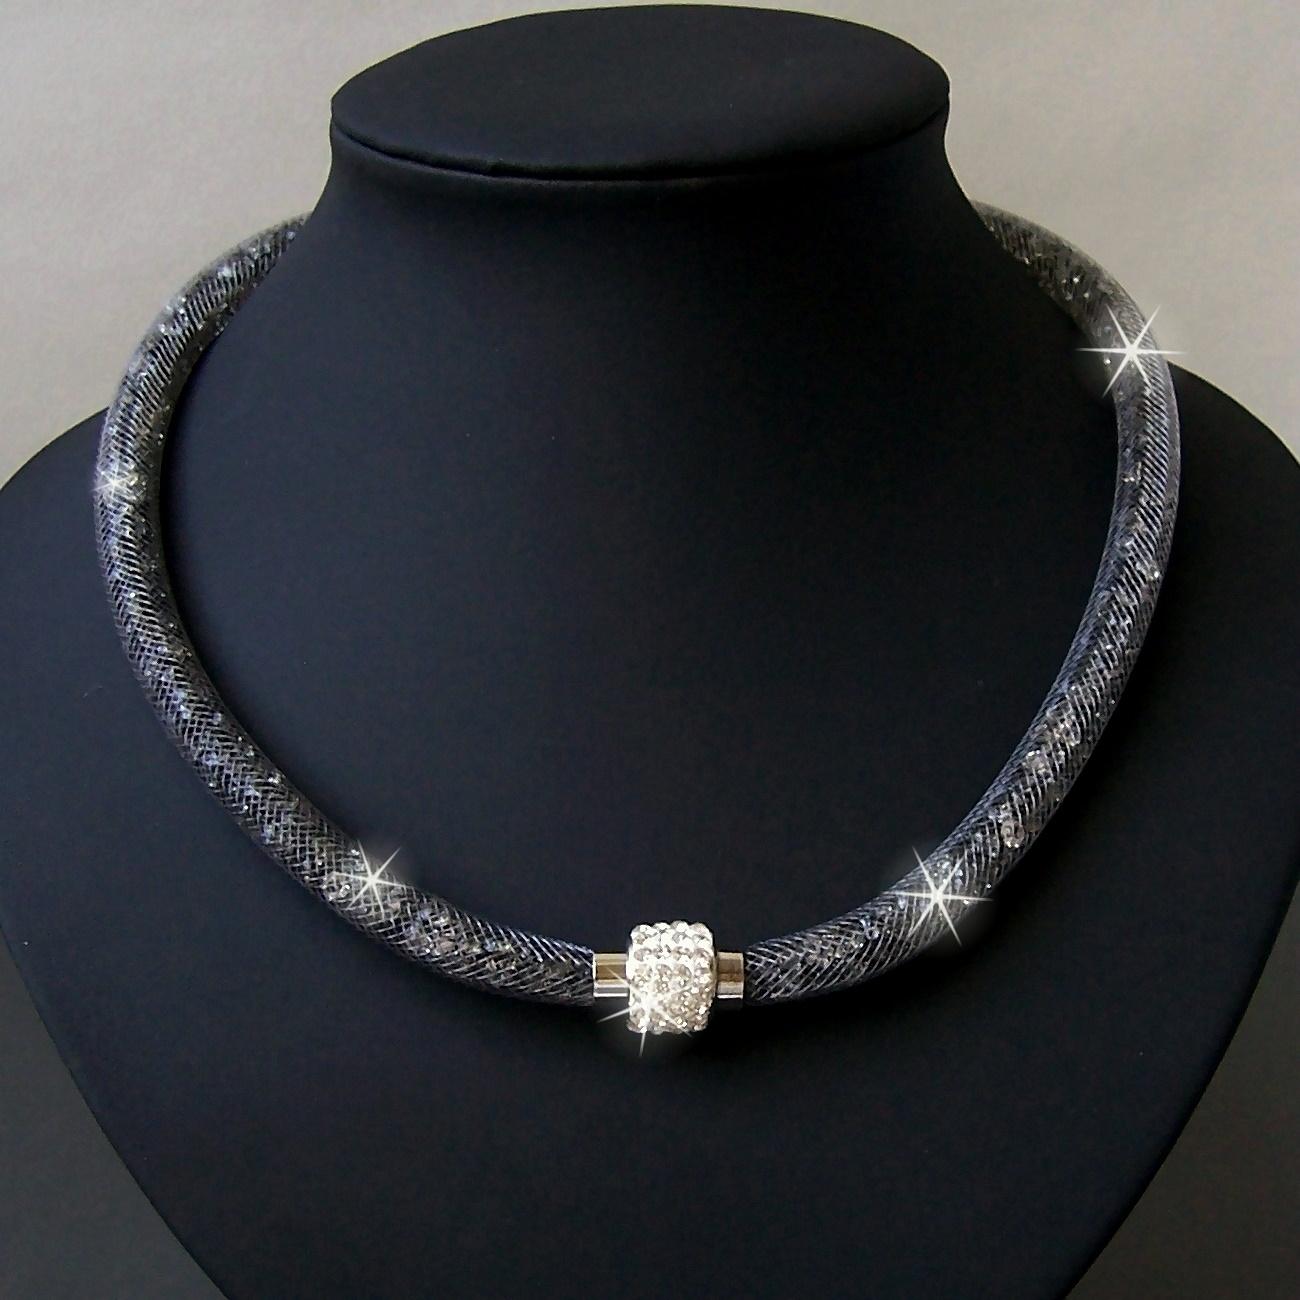 K2332# Collier Kristalle in Nylonnetzschlauch Shamballa Star grau